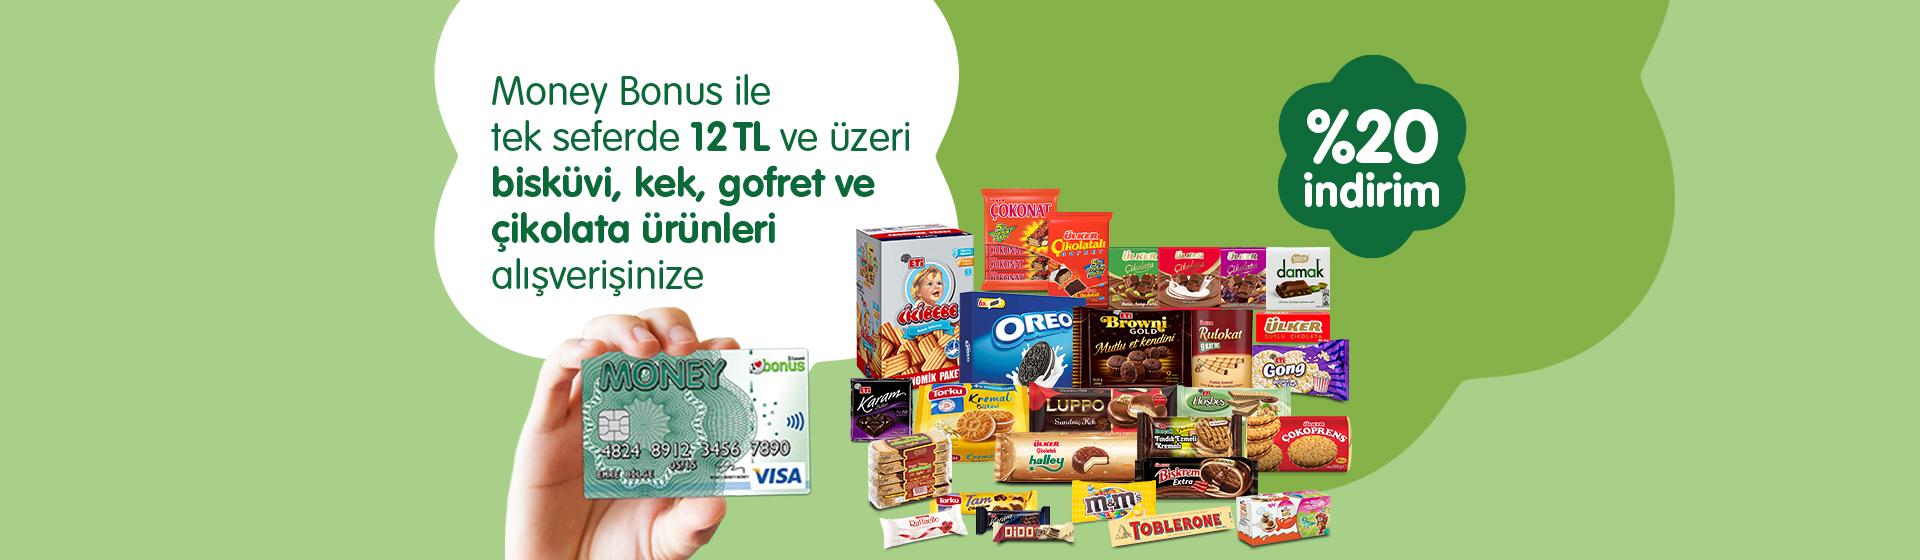 Money Bonus Bisküvi, Kek, Gofret ve Çikolata Ürünleri Kampanyası